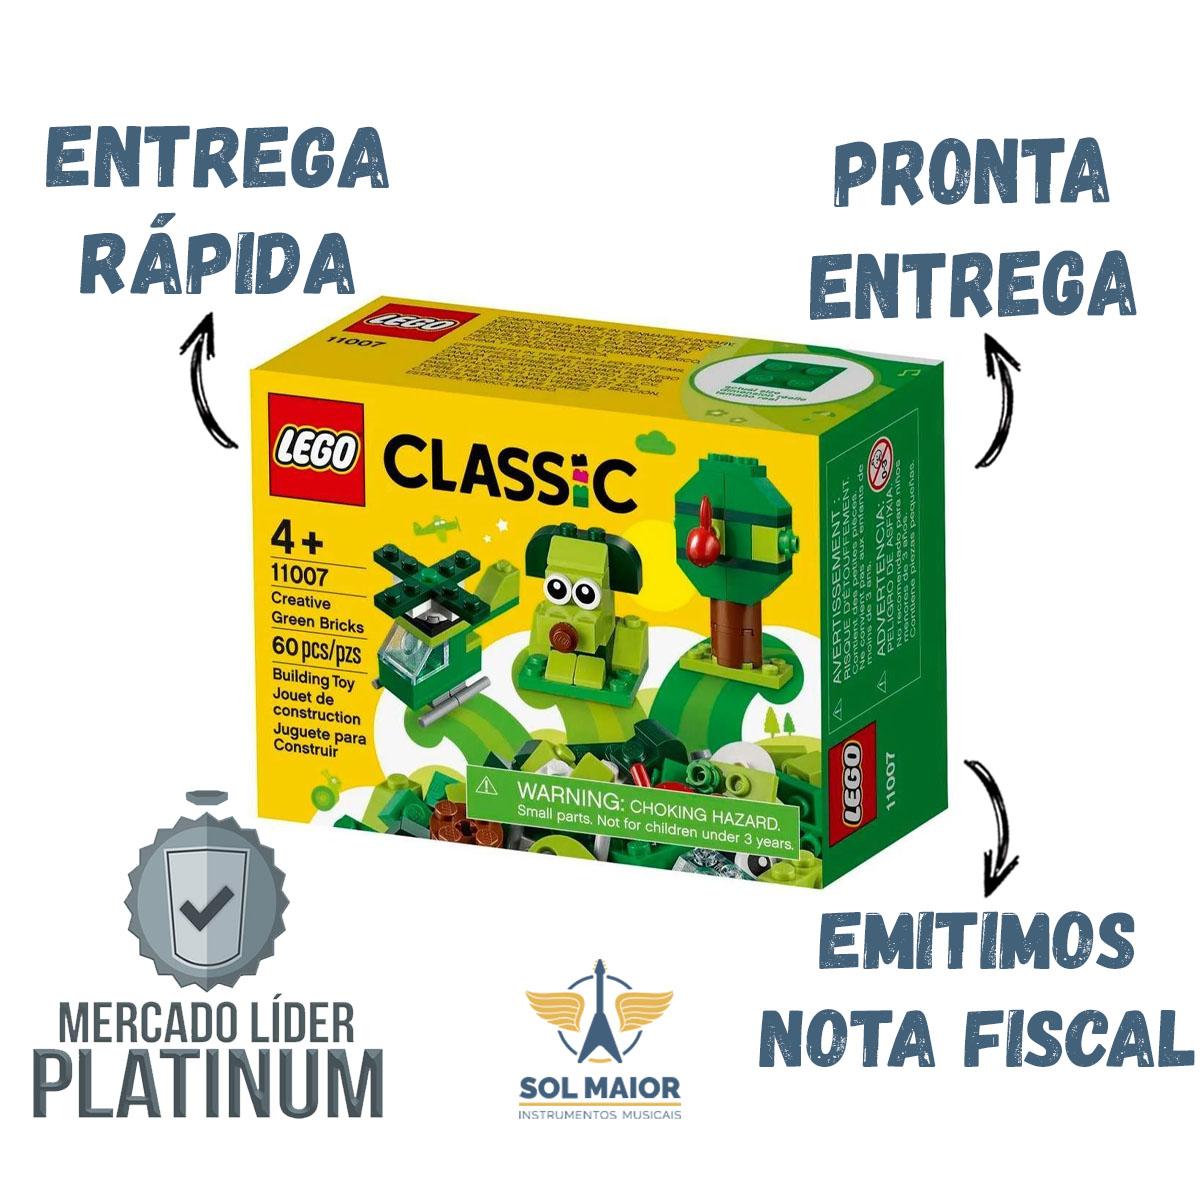 Lego Classic 11007 - Peças Verdes Criativas